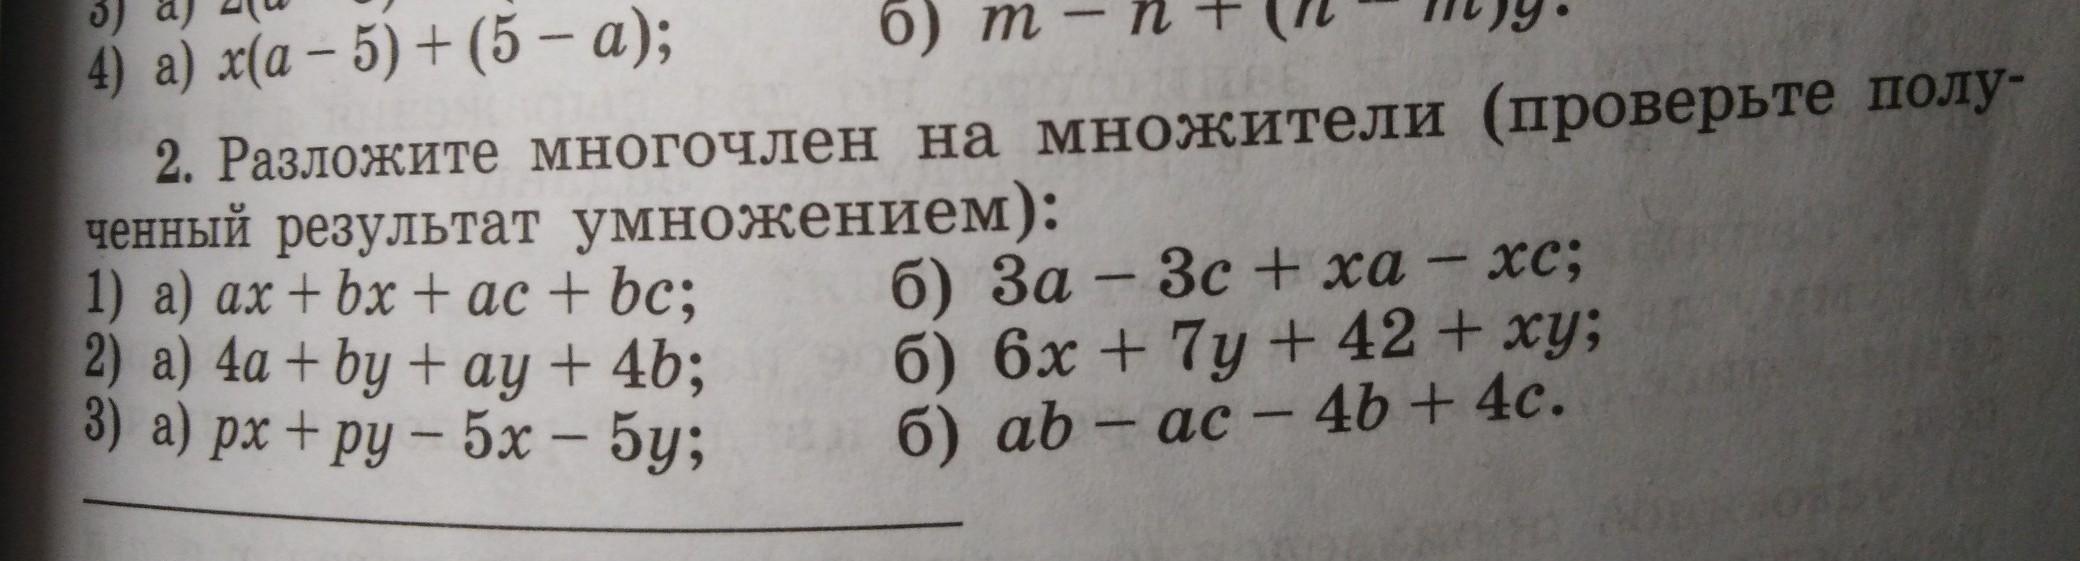 Помогите пожалуйста, решить подробно)) 